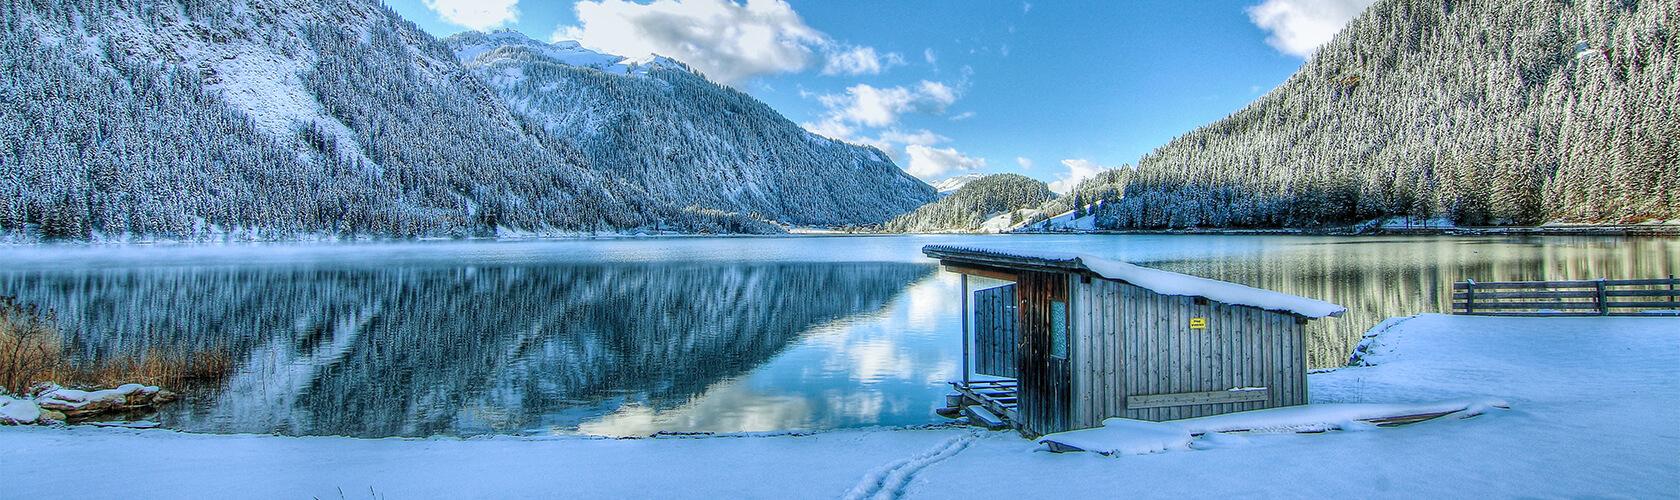 Haldensee im Winter